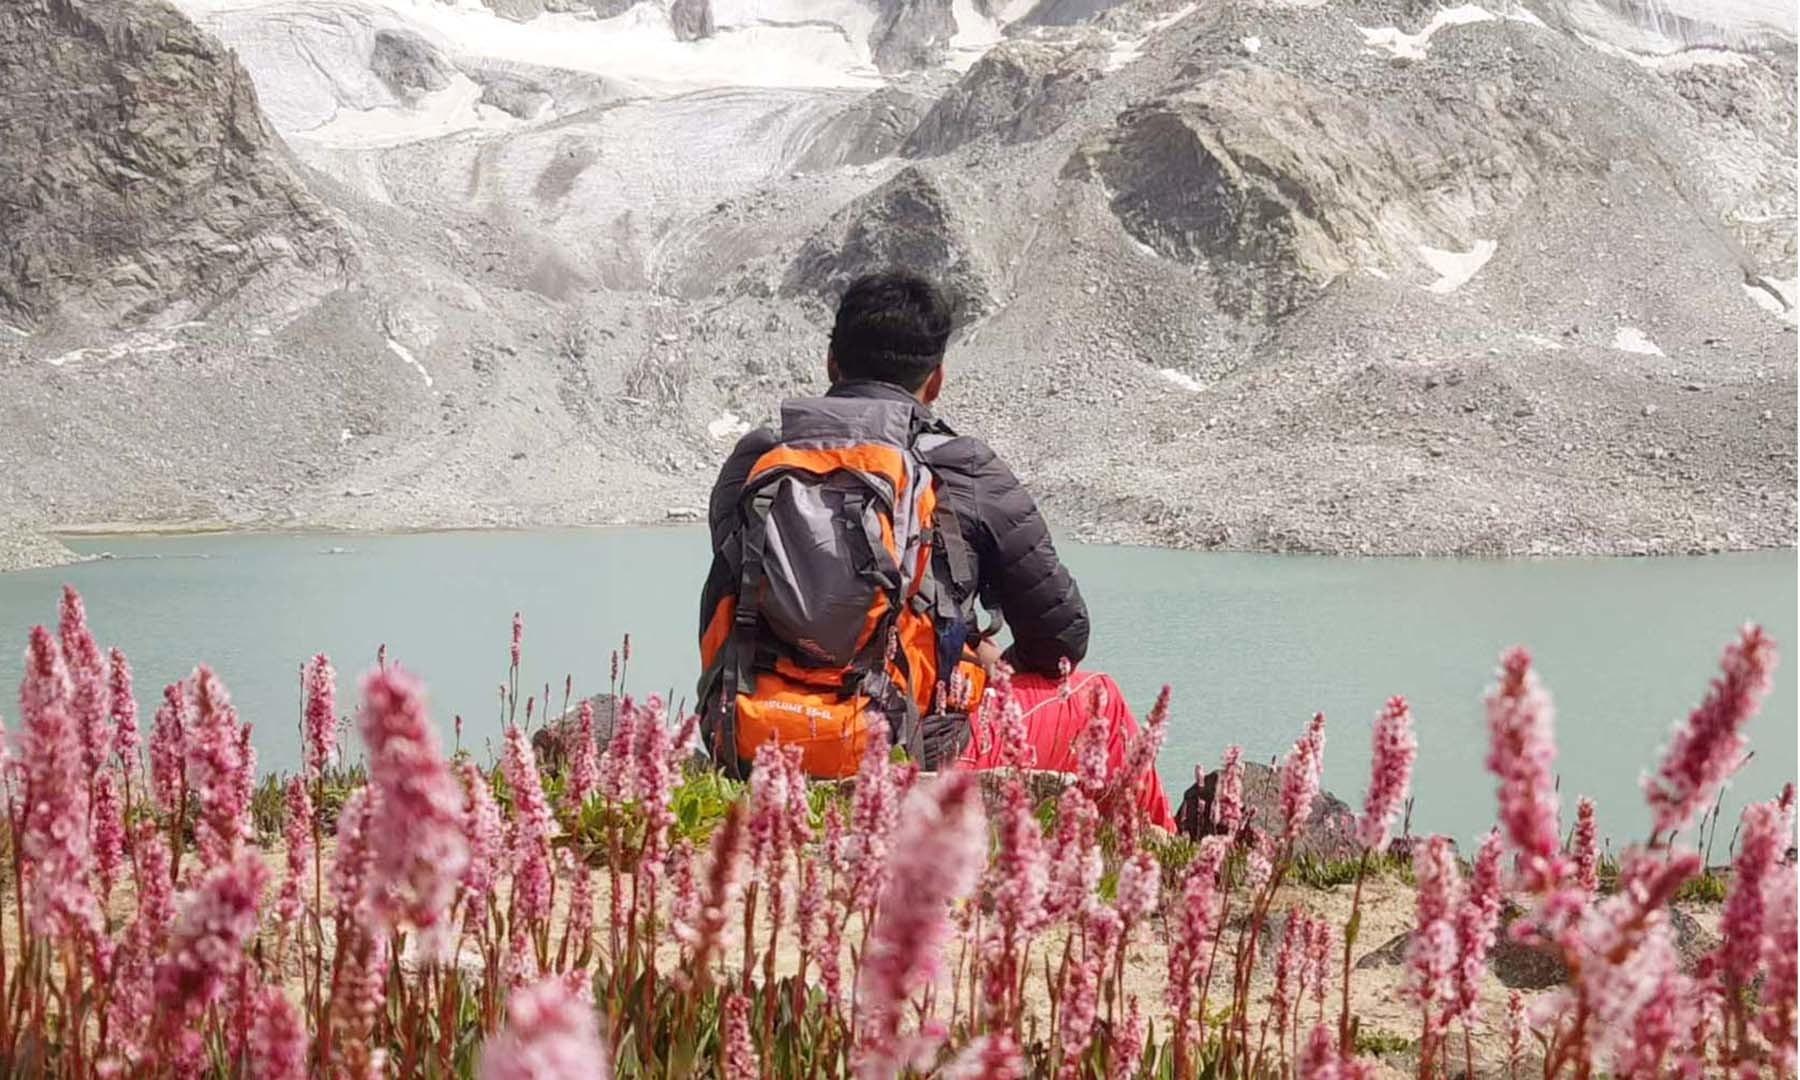 جھیل کا دلفریب نظارہ ہو، خوبصورت خود رو پھول ہوں اور سکون ہو، تو اور کیا چاہیے!